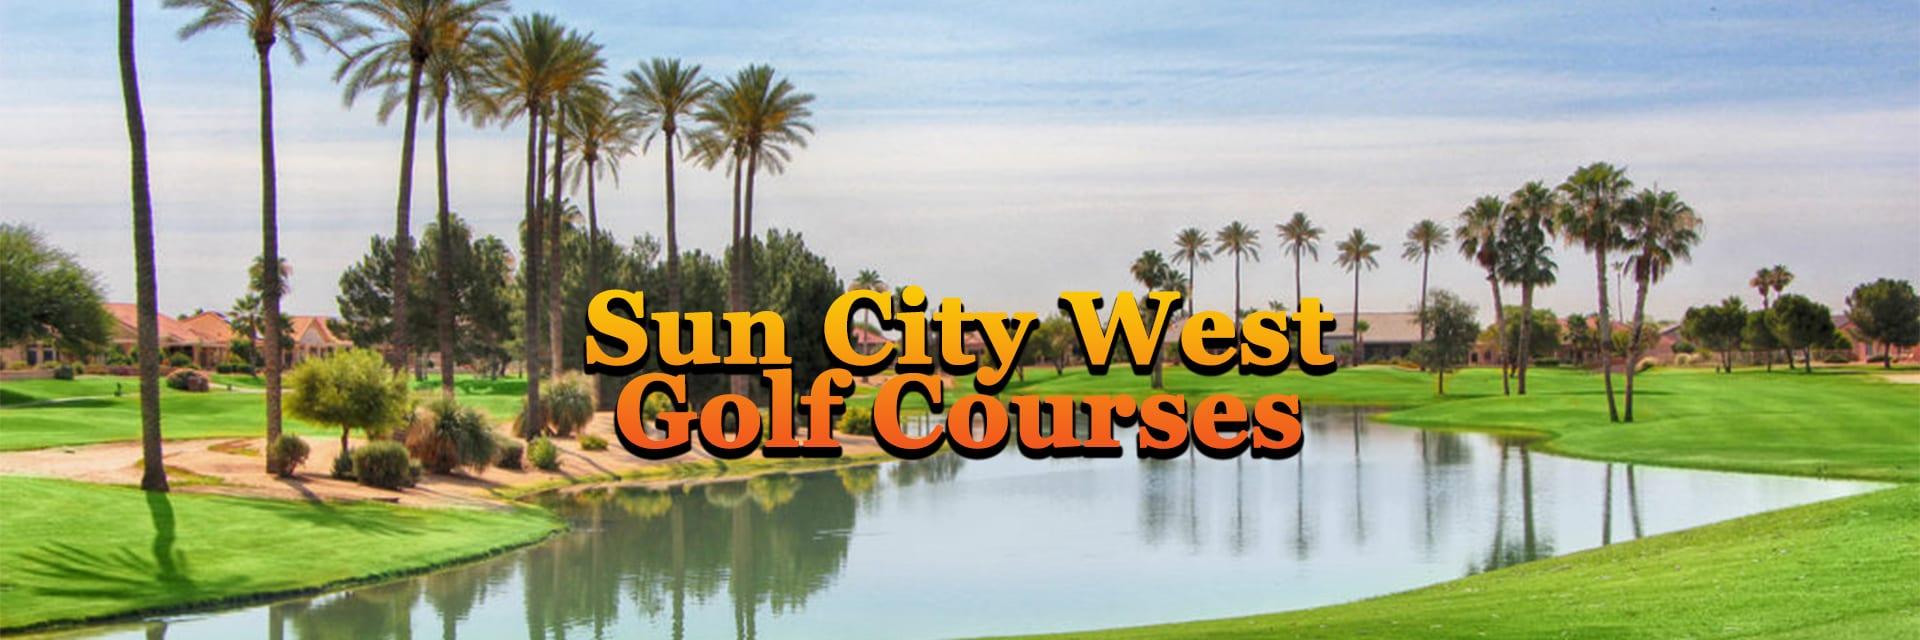 Sun City West AZ Golf Courses Home Page